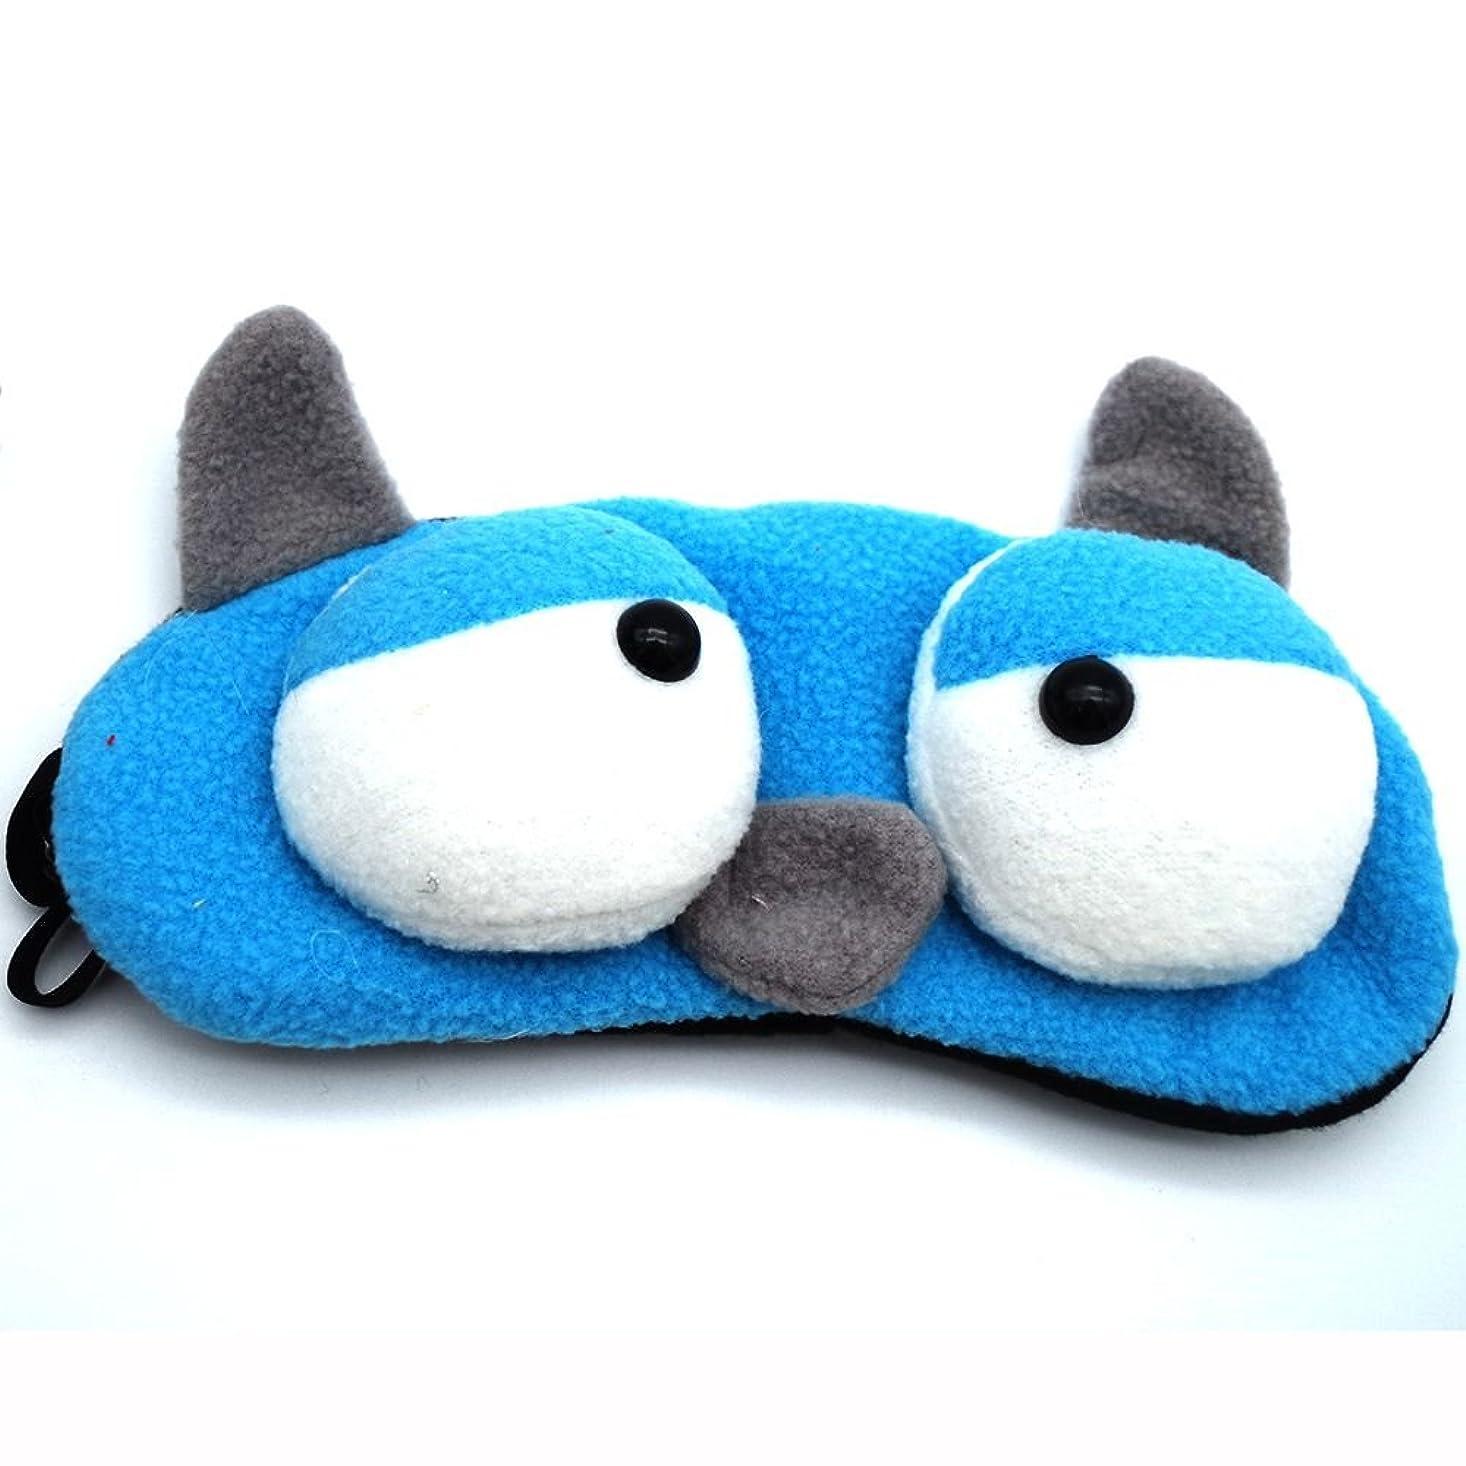 突撃伝記シャワーNOTE 1ピースかわいい動物睡眠アイマスクパッド入りシェードカバーフランネル睡眠マスク休息旅行リラックス睡眠補助目隠しカバーアイパット